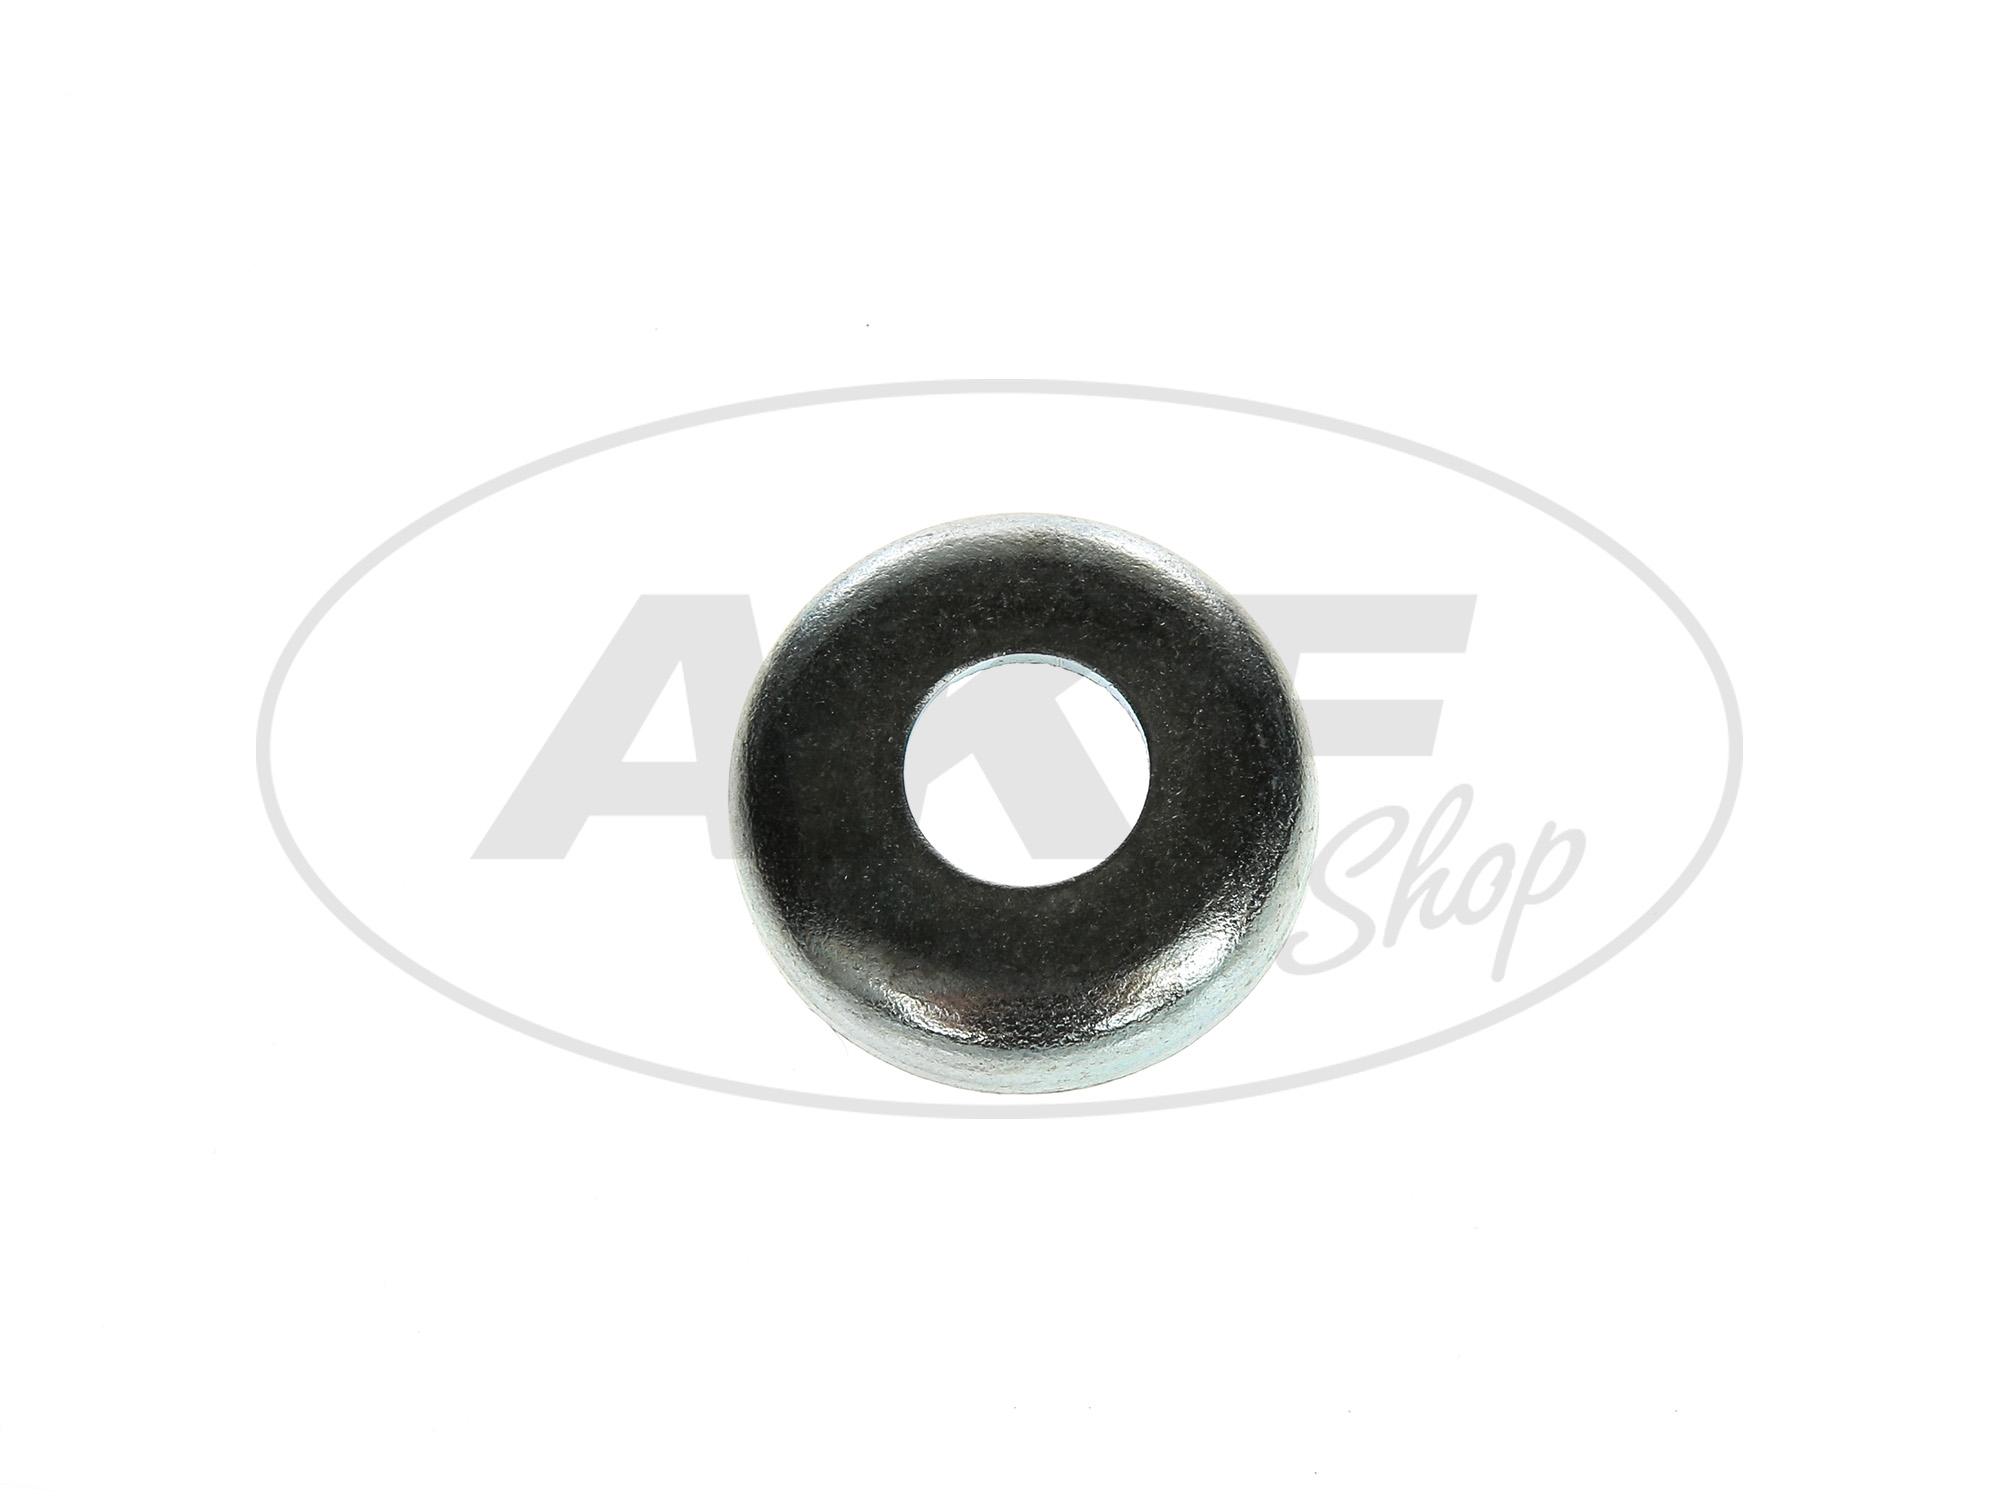 Zoom Ansicht Schutzkappe für Motorlager - Simson S51, S50, S70, S53, S83